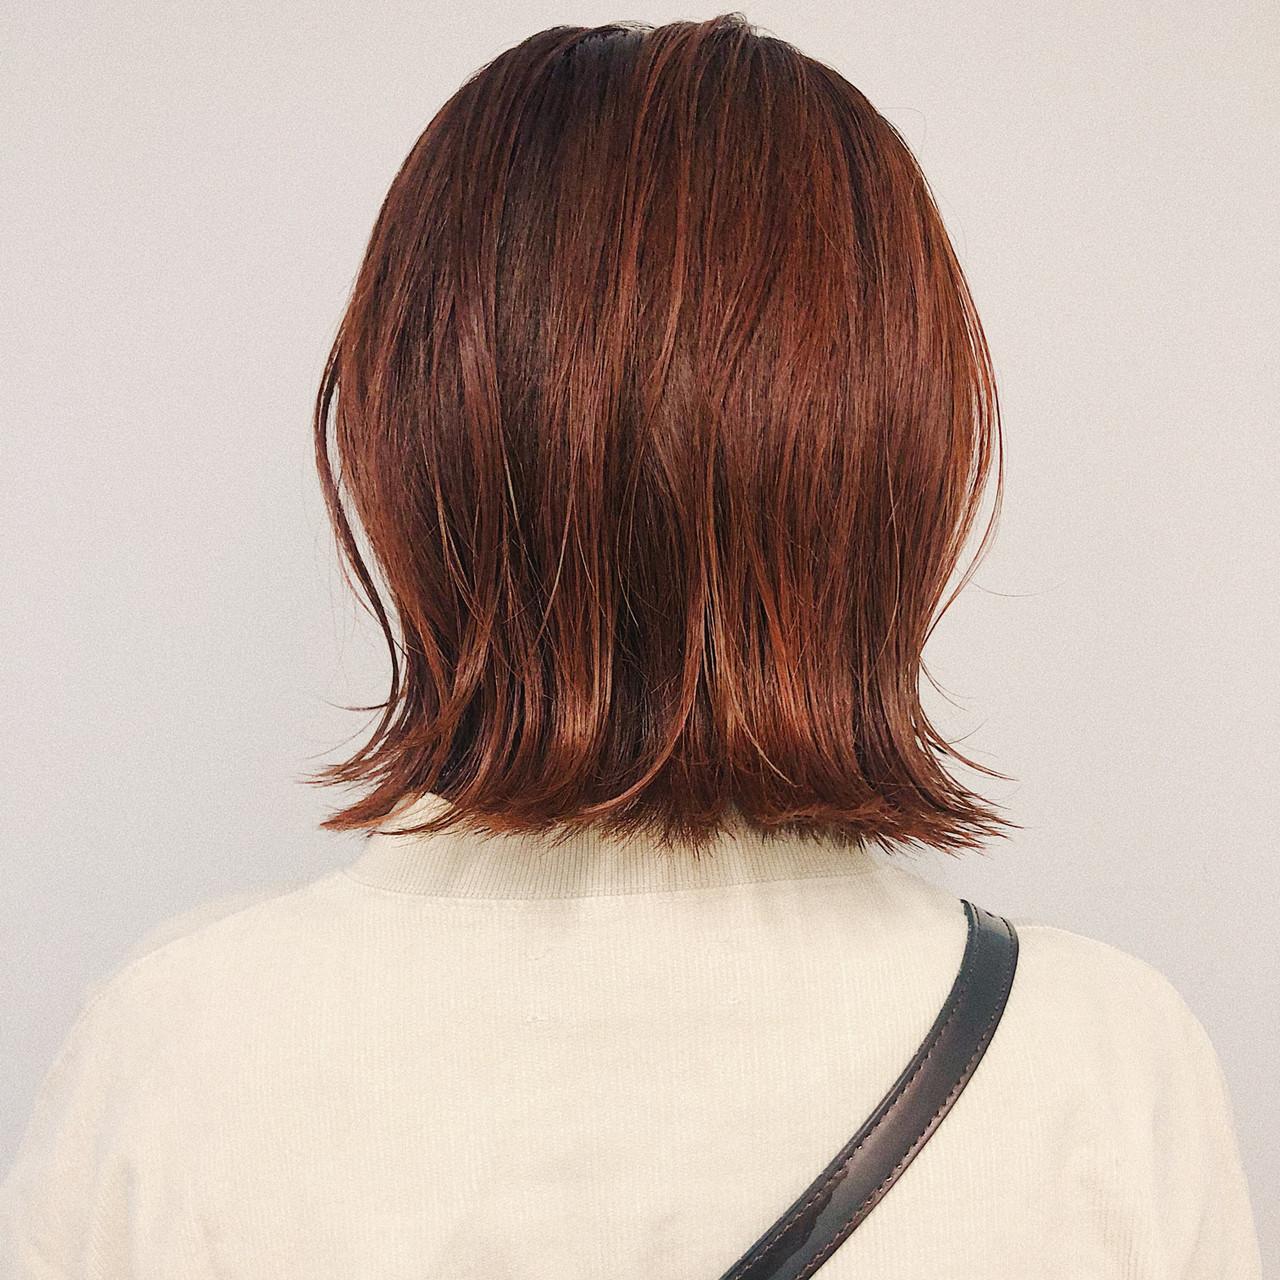 ガーリー 切りっぱなしボブ ボブ ショートボブ ヘアスタイルや髪型の写真・画像 | 金子保奈美 / KIKKAKE@depth / KIKKAKE@depth